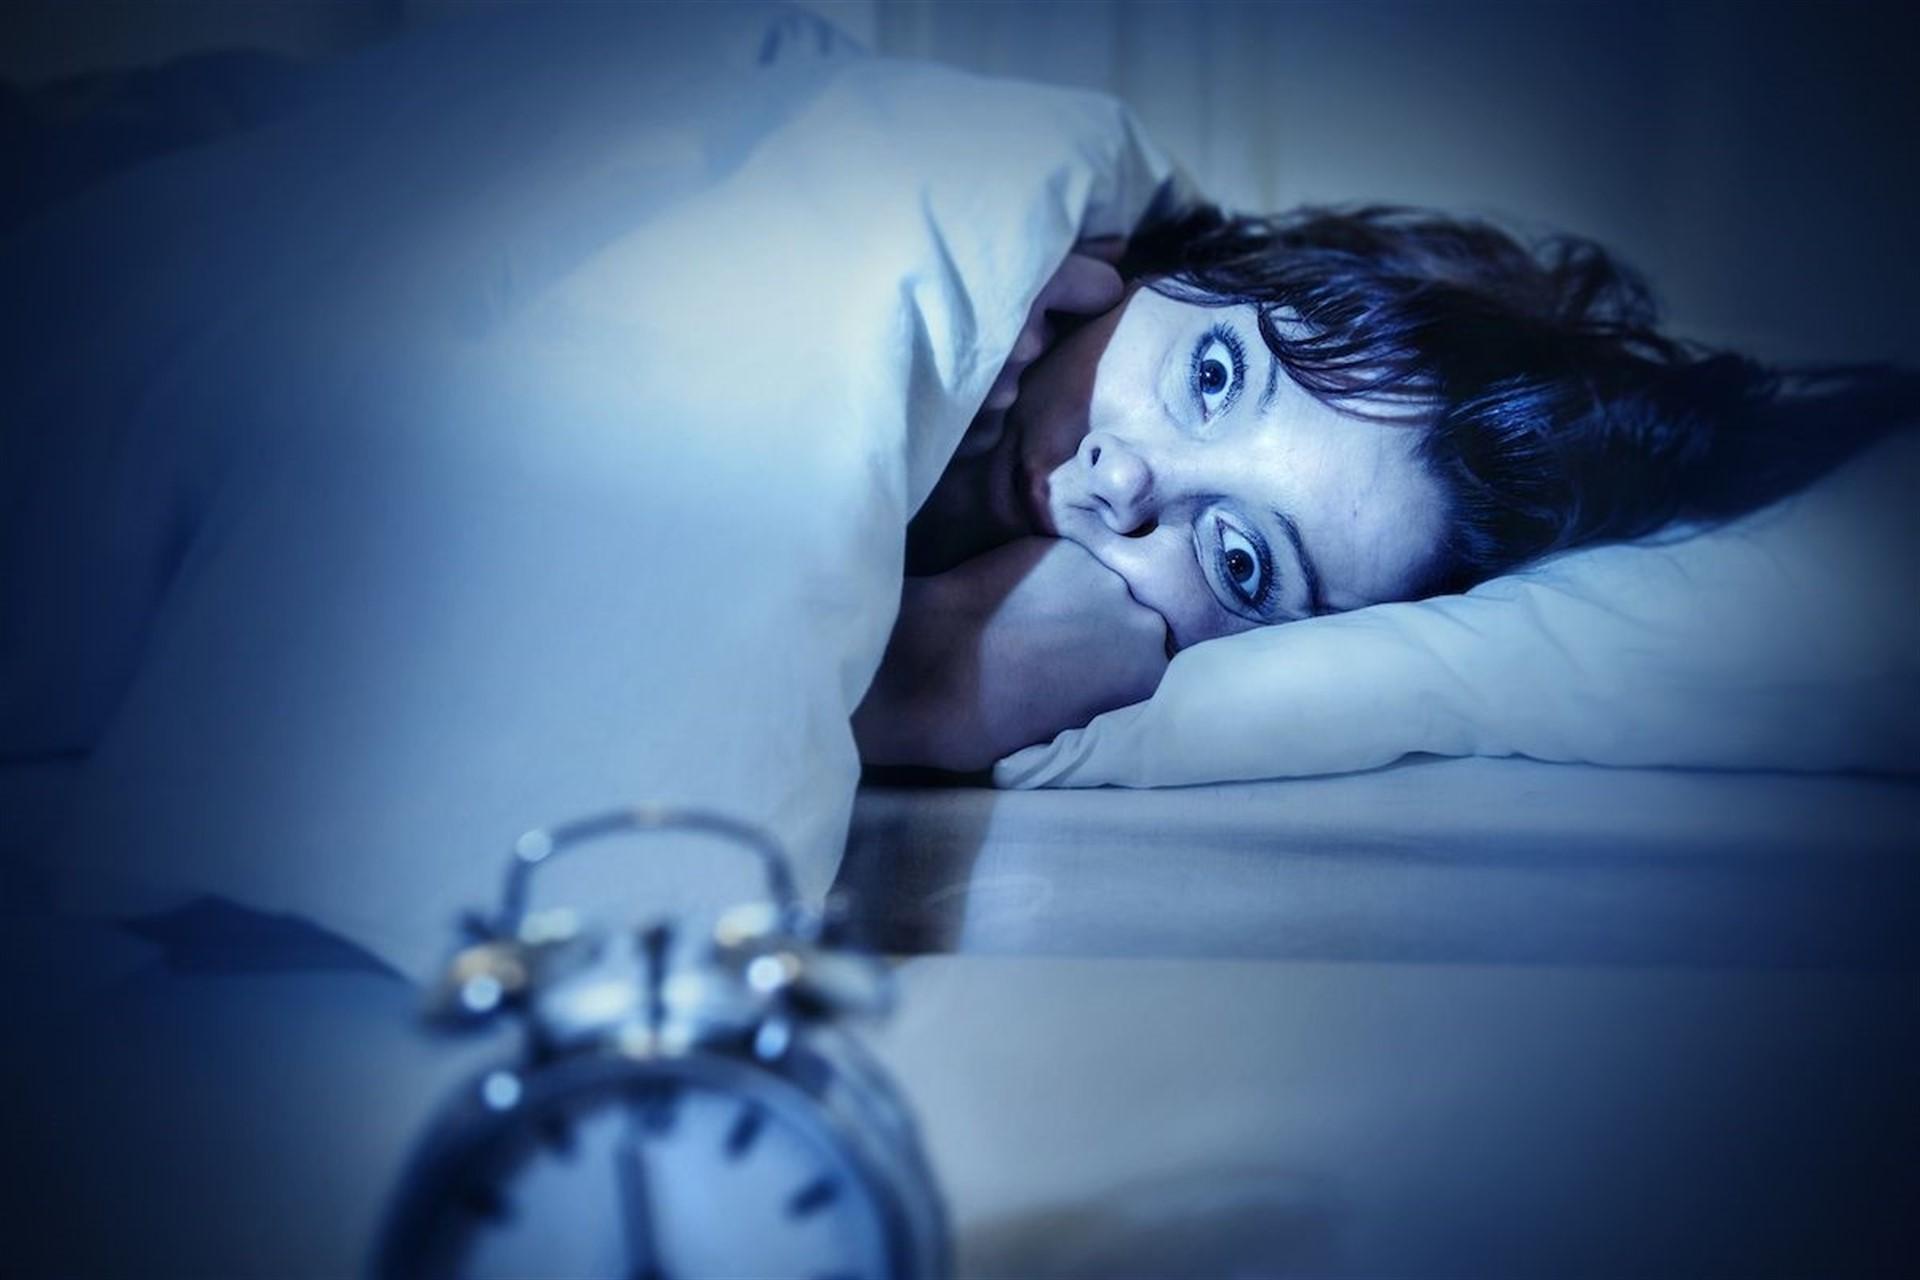 La exposición a luz artificial en el sueño afecta al peso de las mujeres